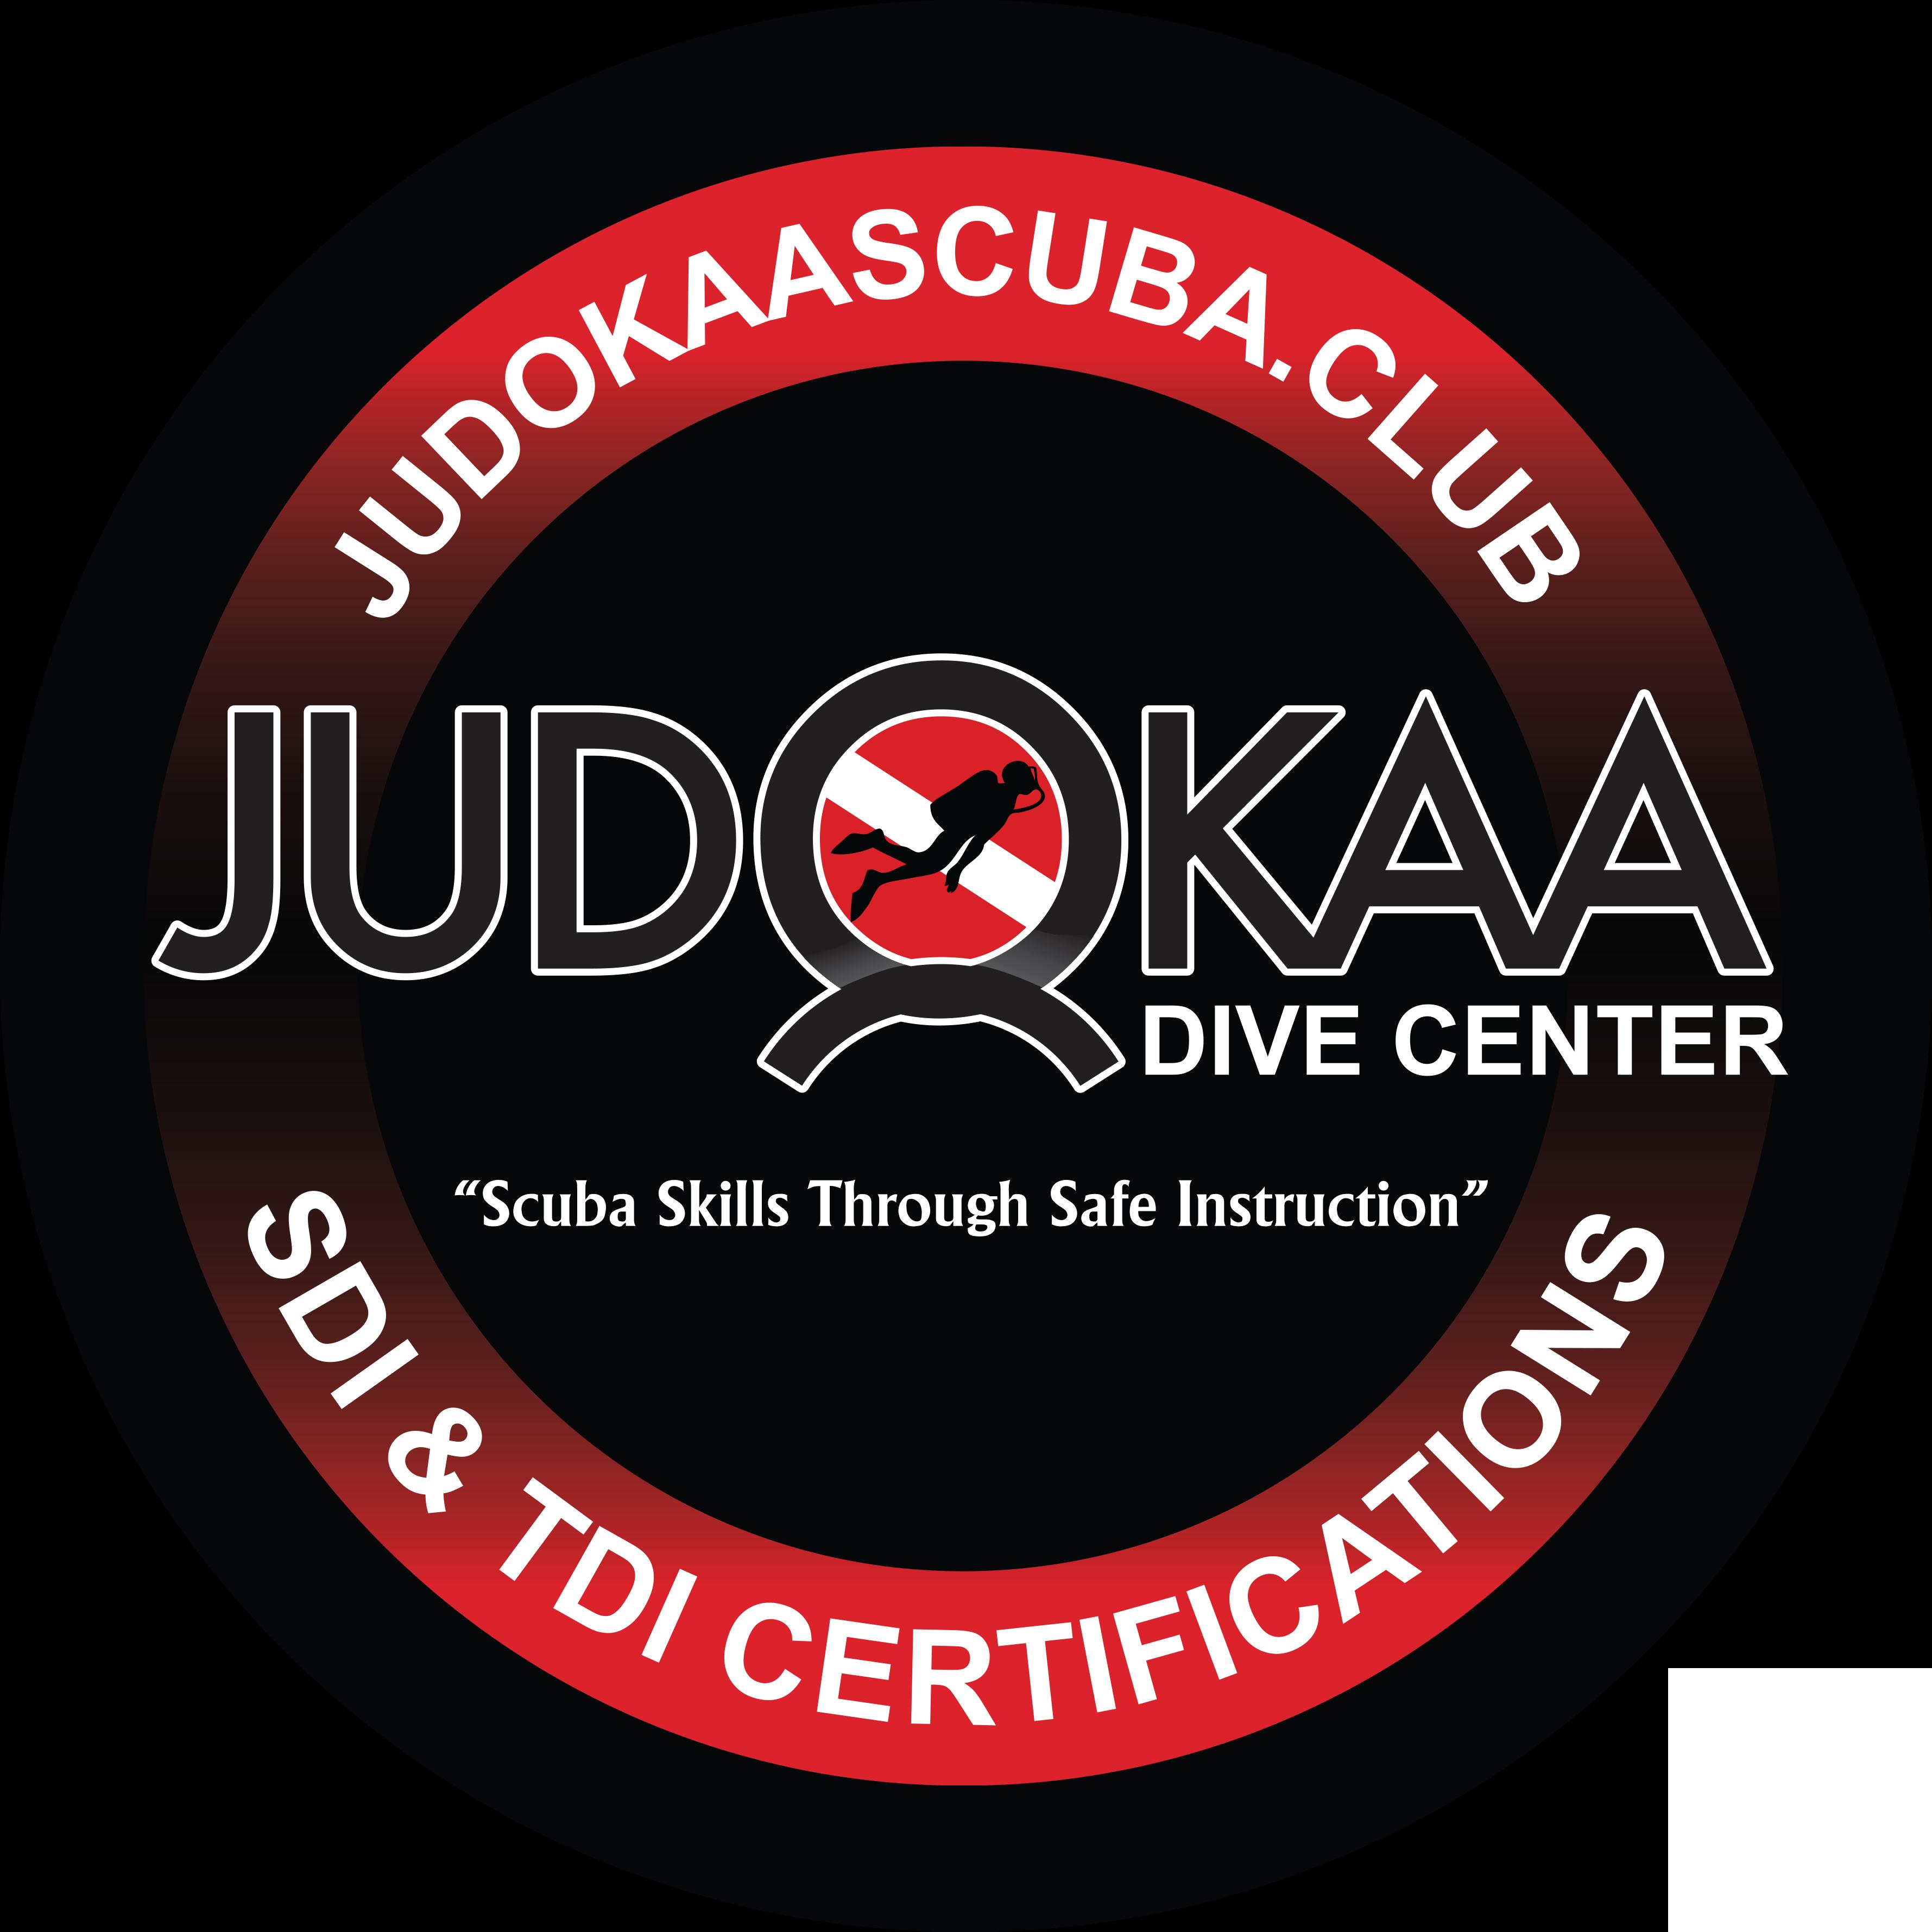 Judokaa Scuba